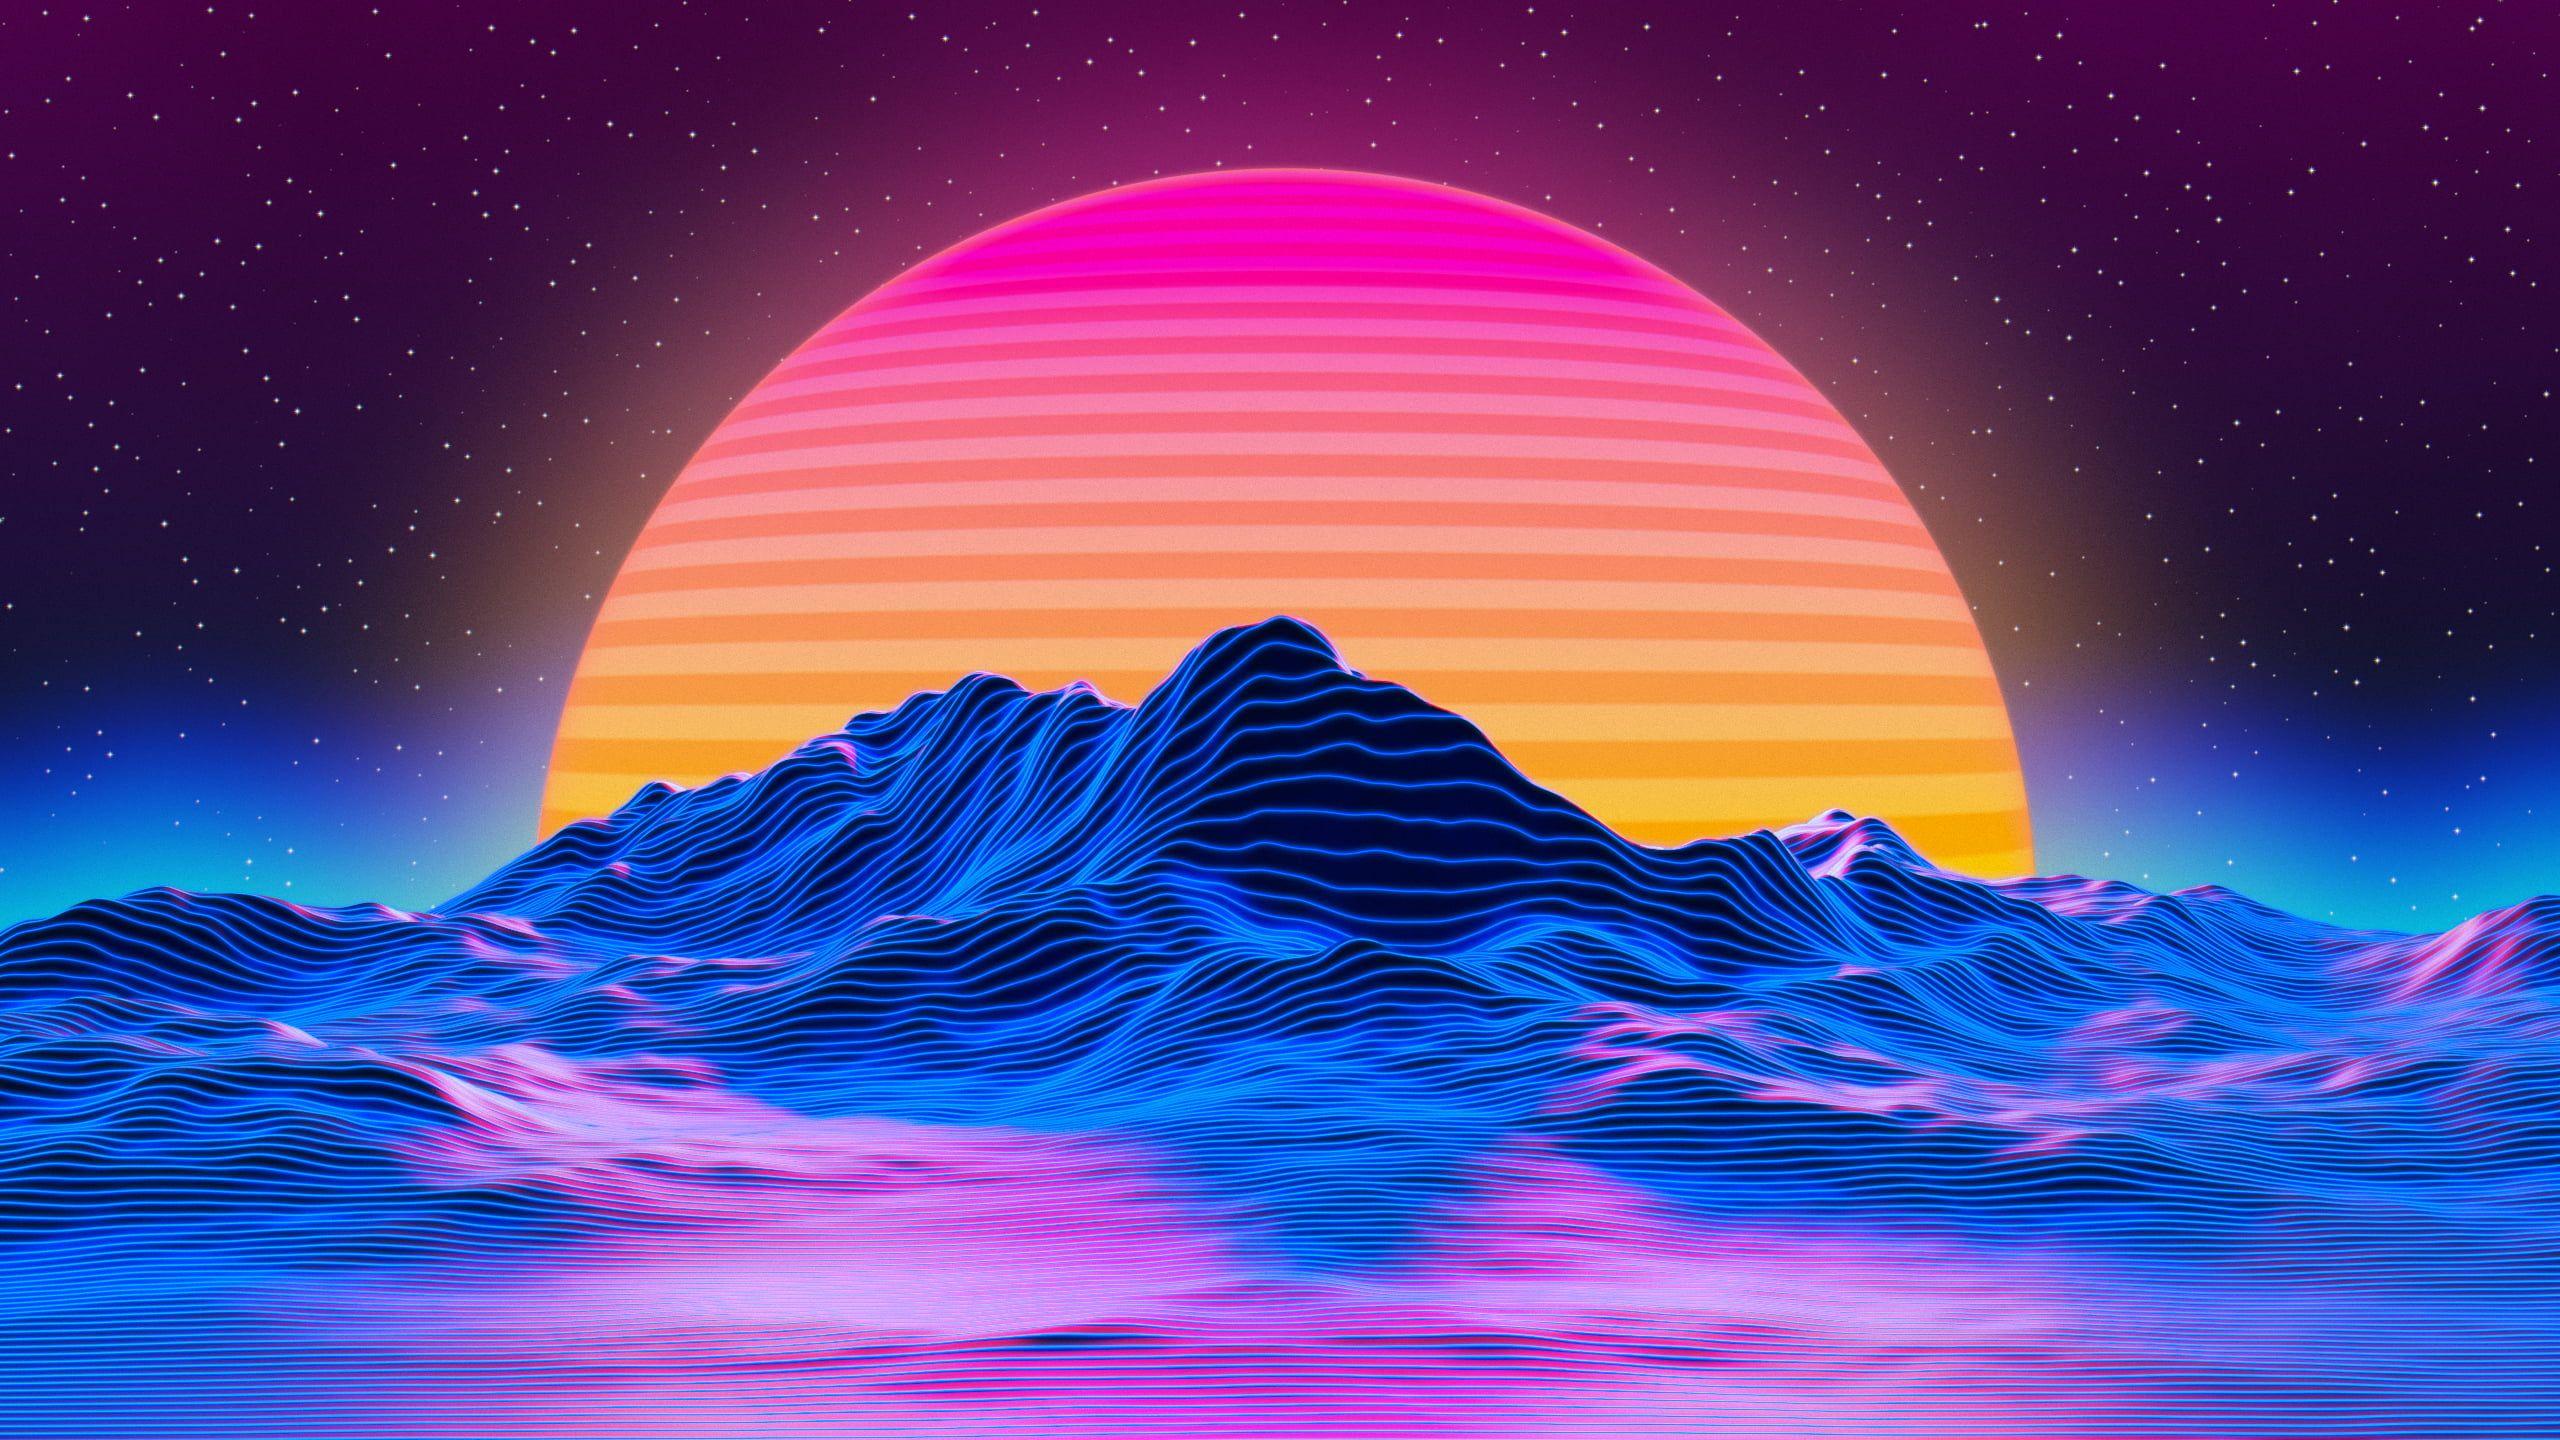 Outrun Vaporwave 2k Wallpaper Hdwallpaper Desktop Desktop Wallpaper Art Computer Wallpaper Desktop Wallpapers Vaporwave Wallpaper